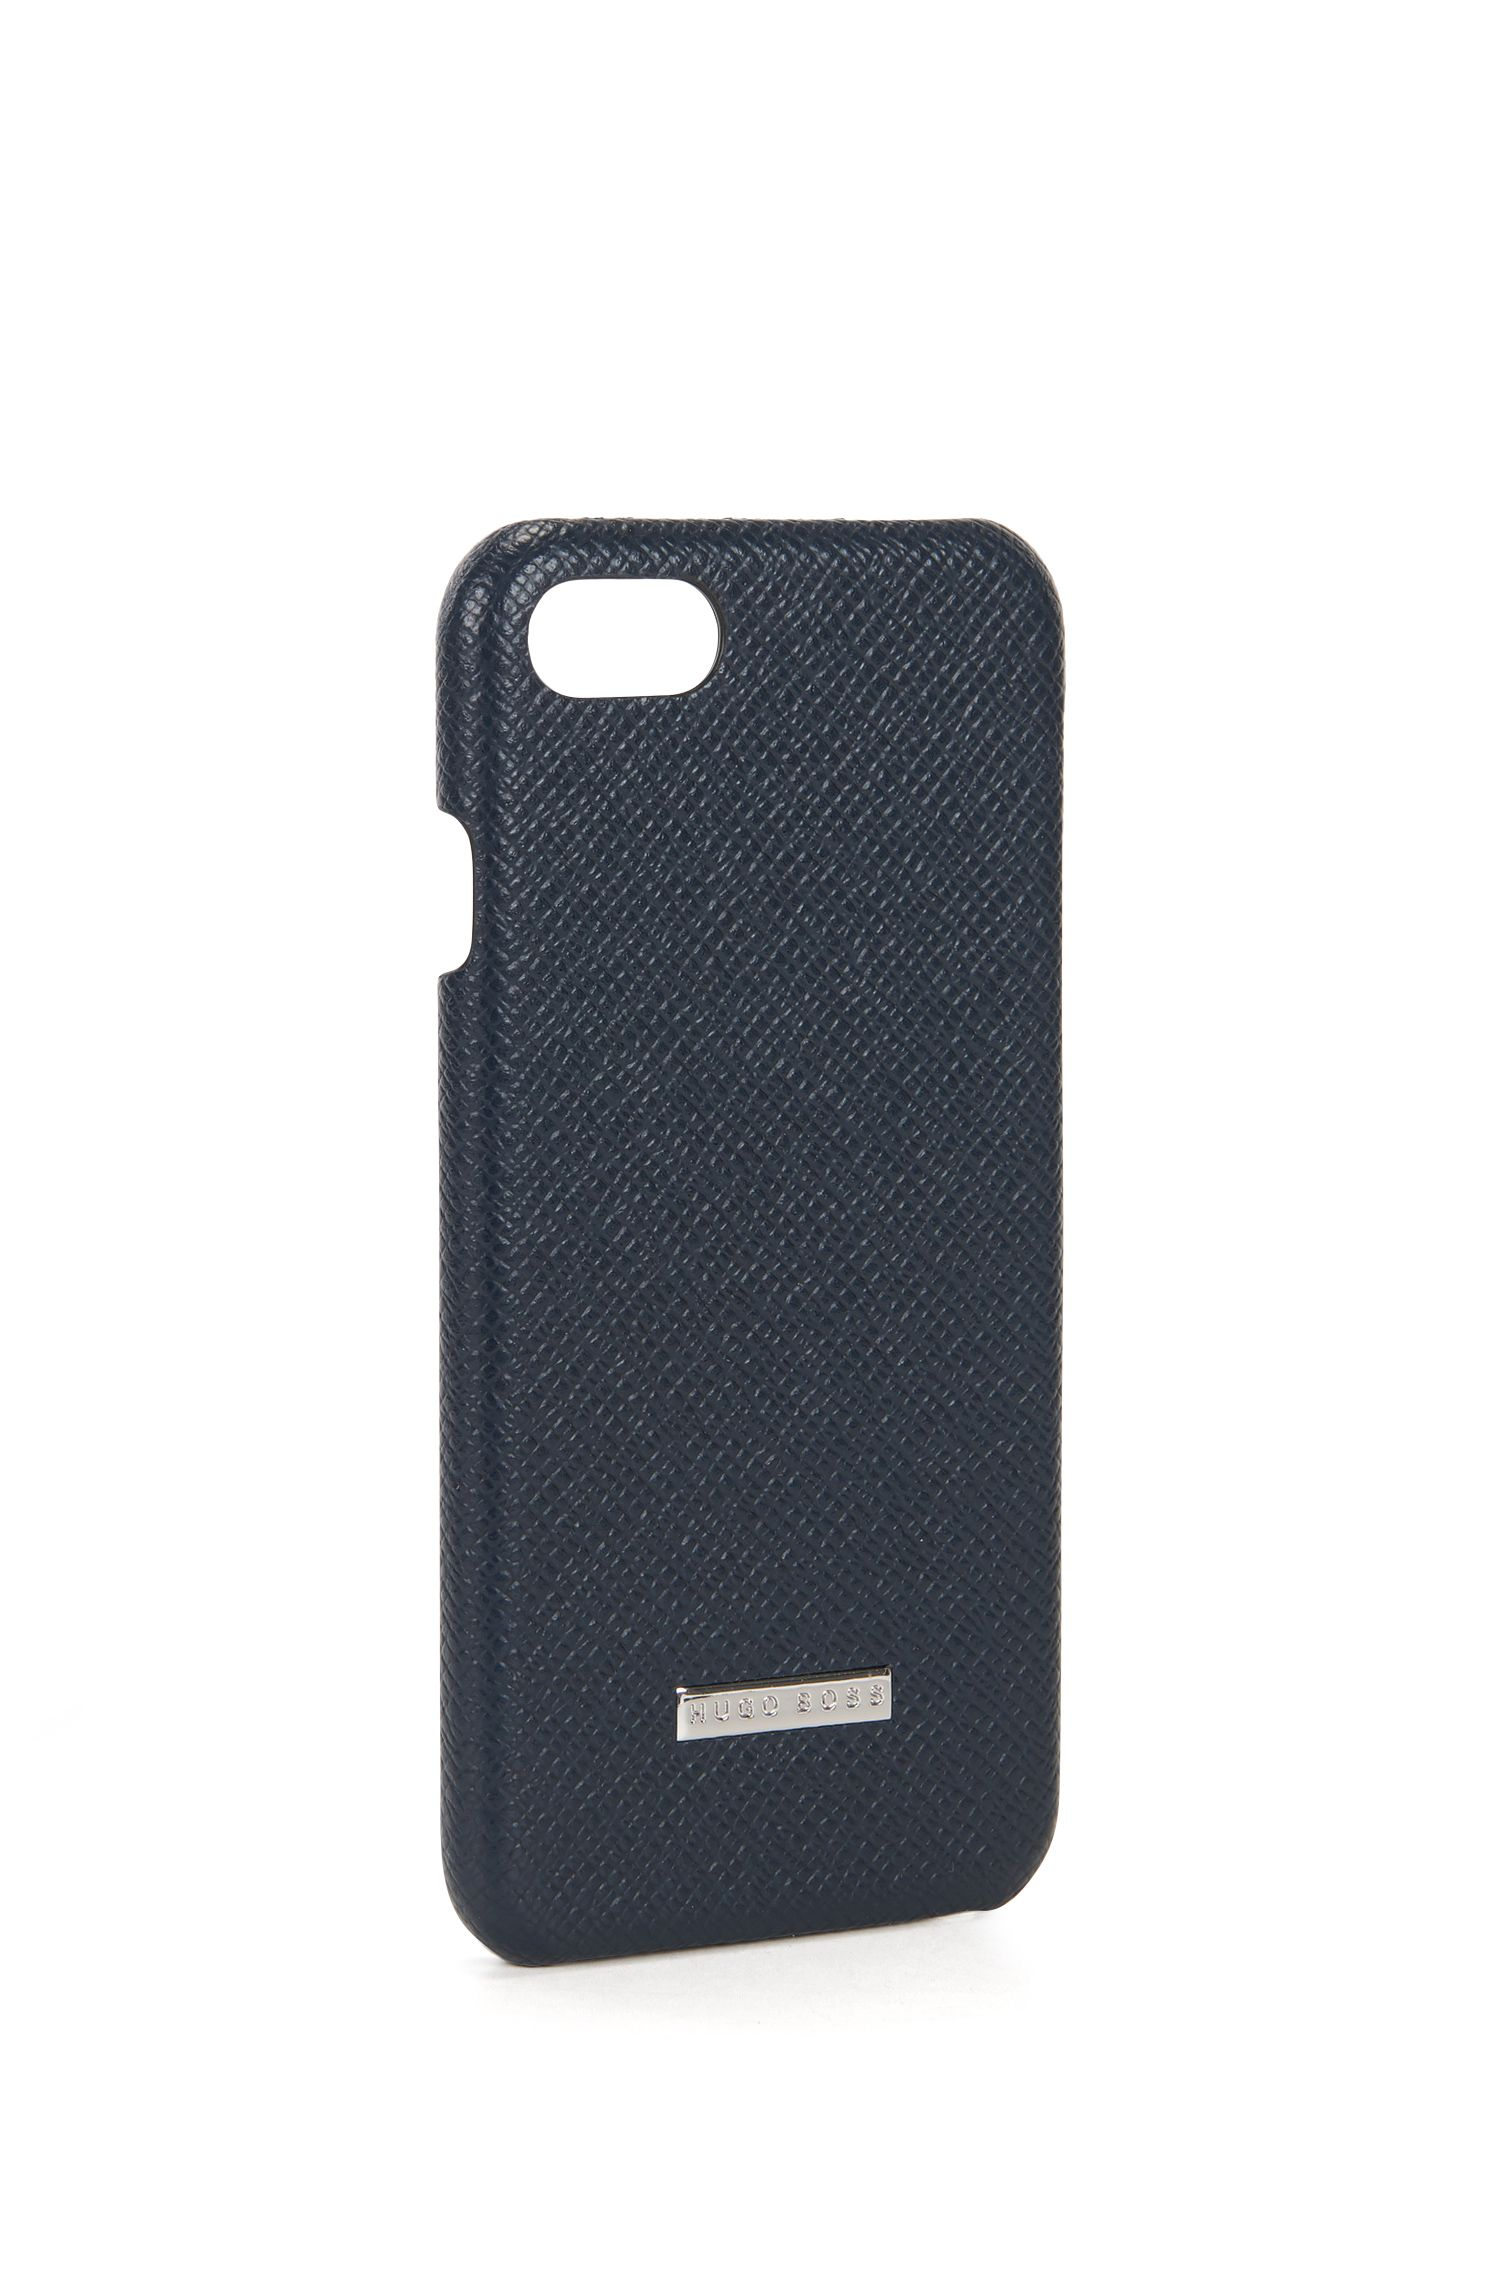 Embossed leather iPhone 7 Case | Signature Phone 7, Dark Blue